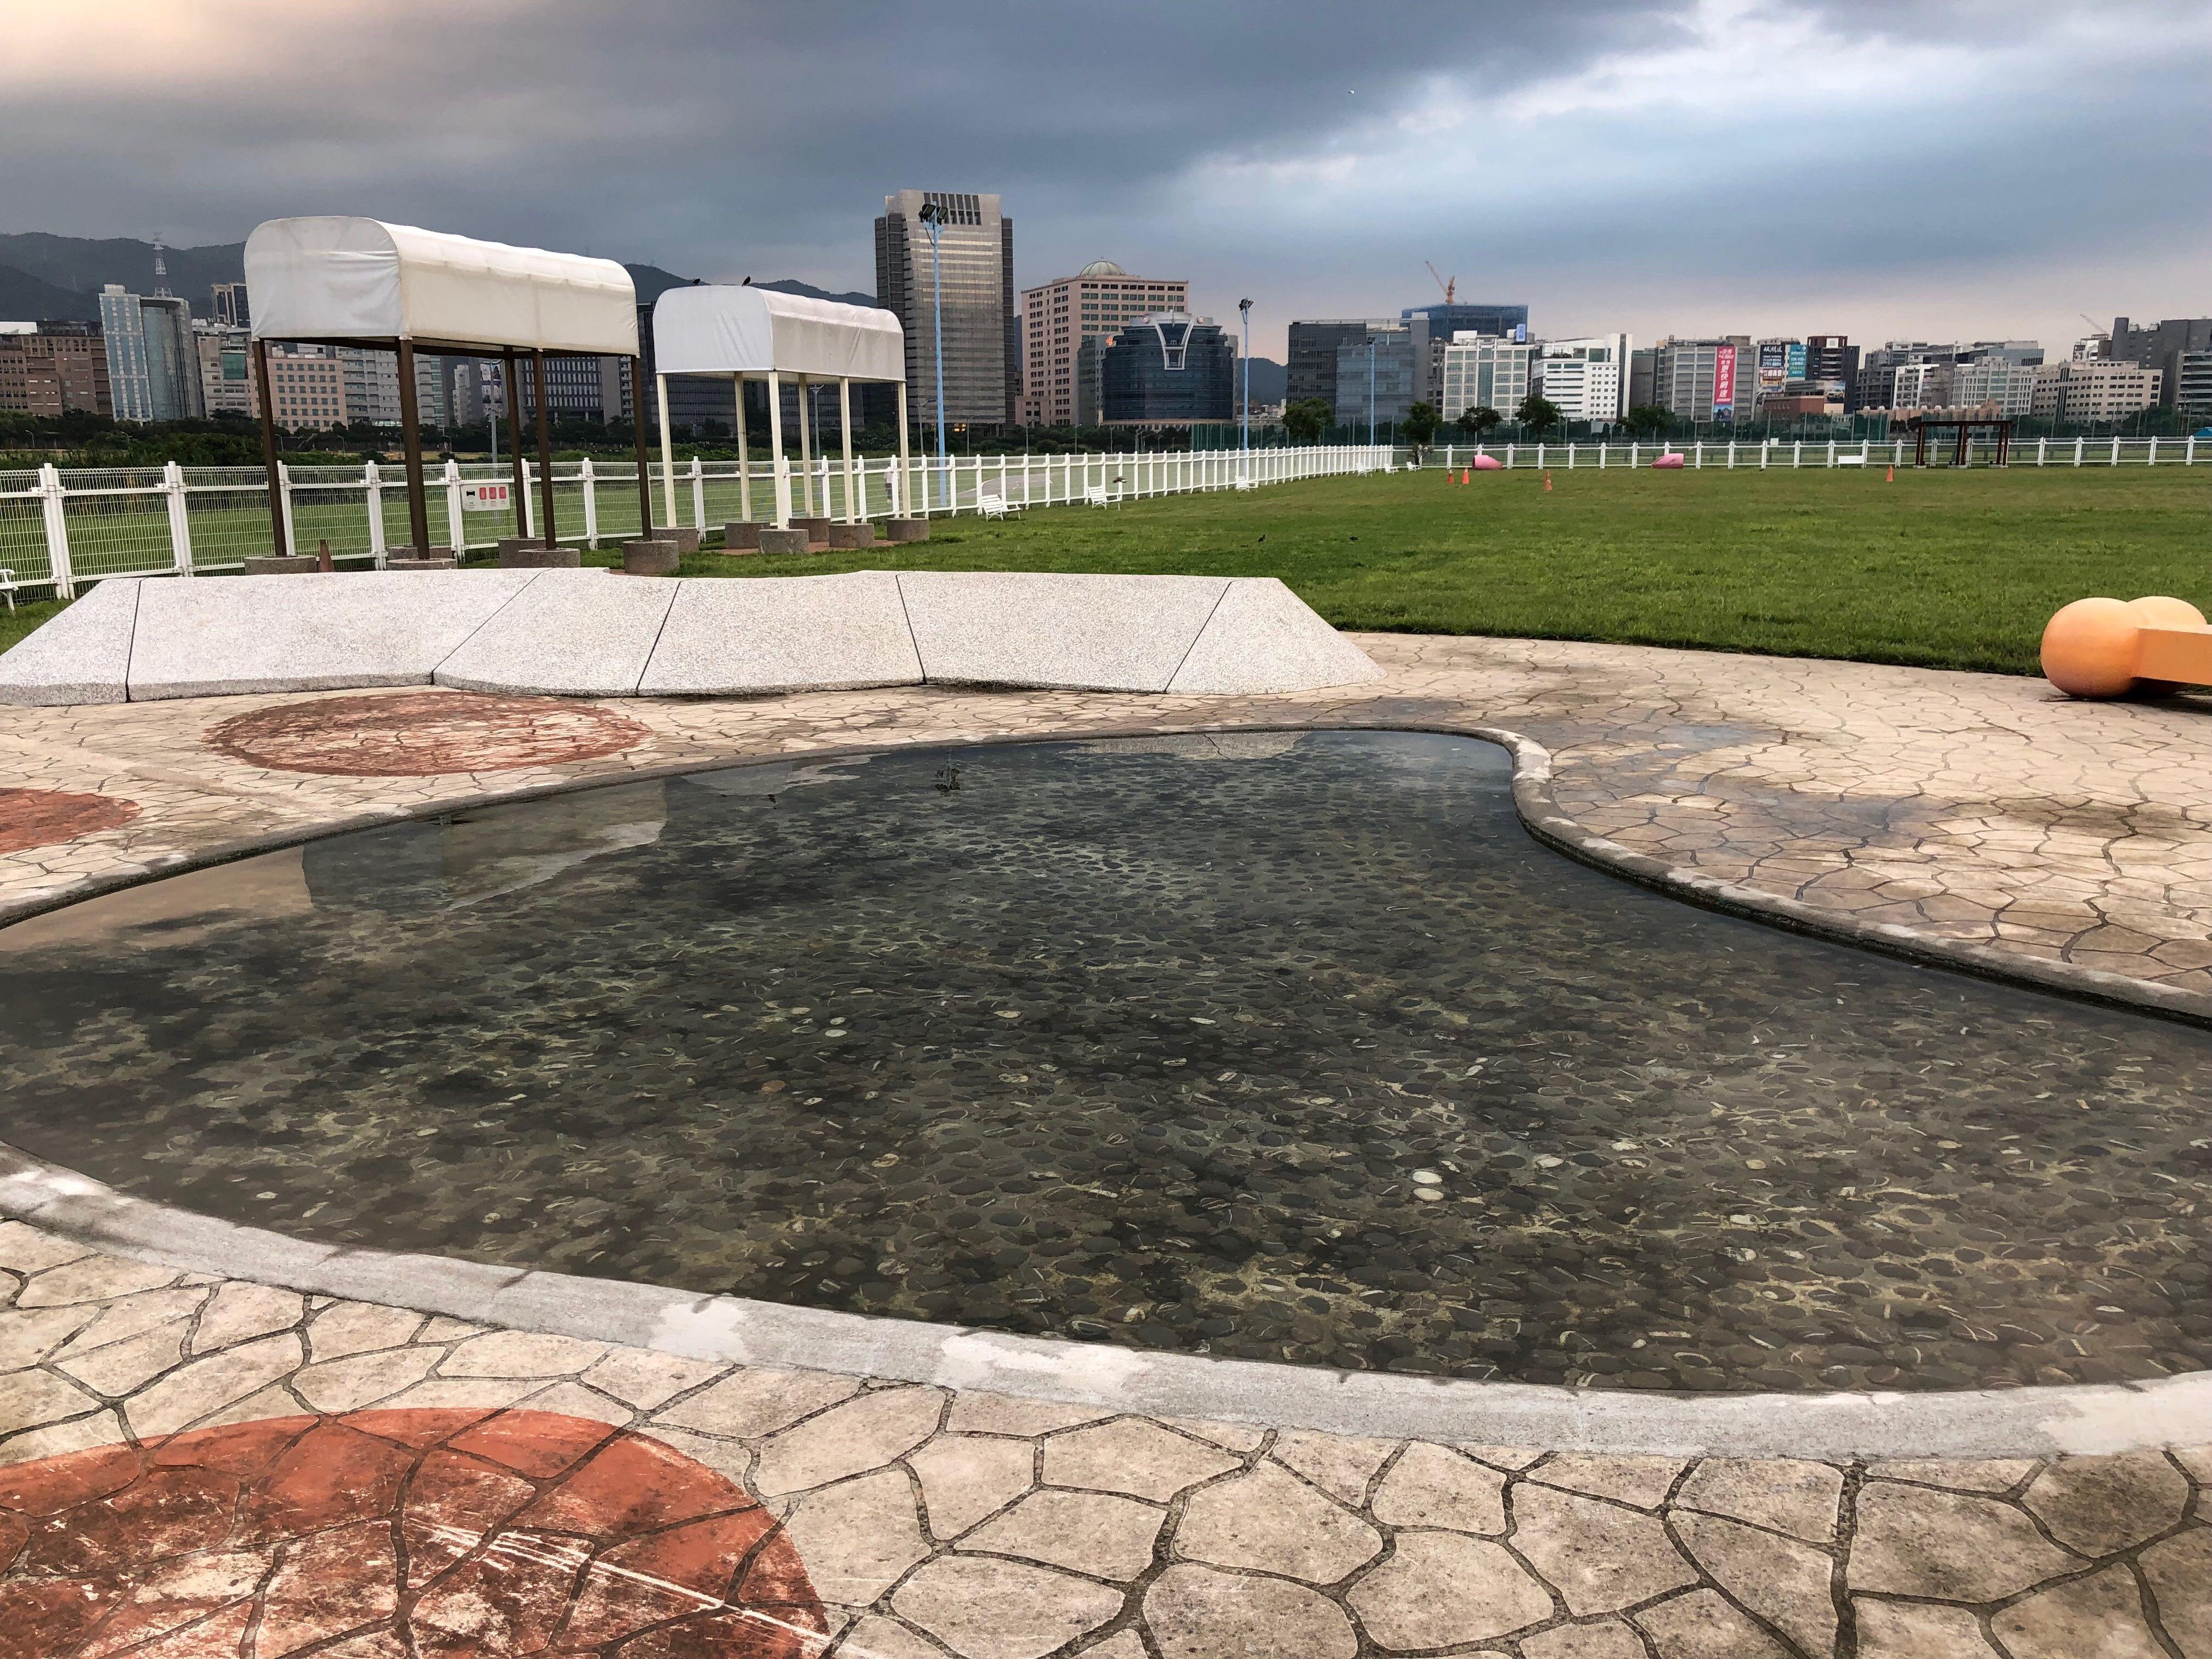 Yingfeng Dog Park